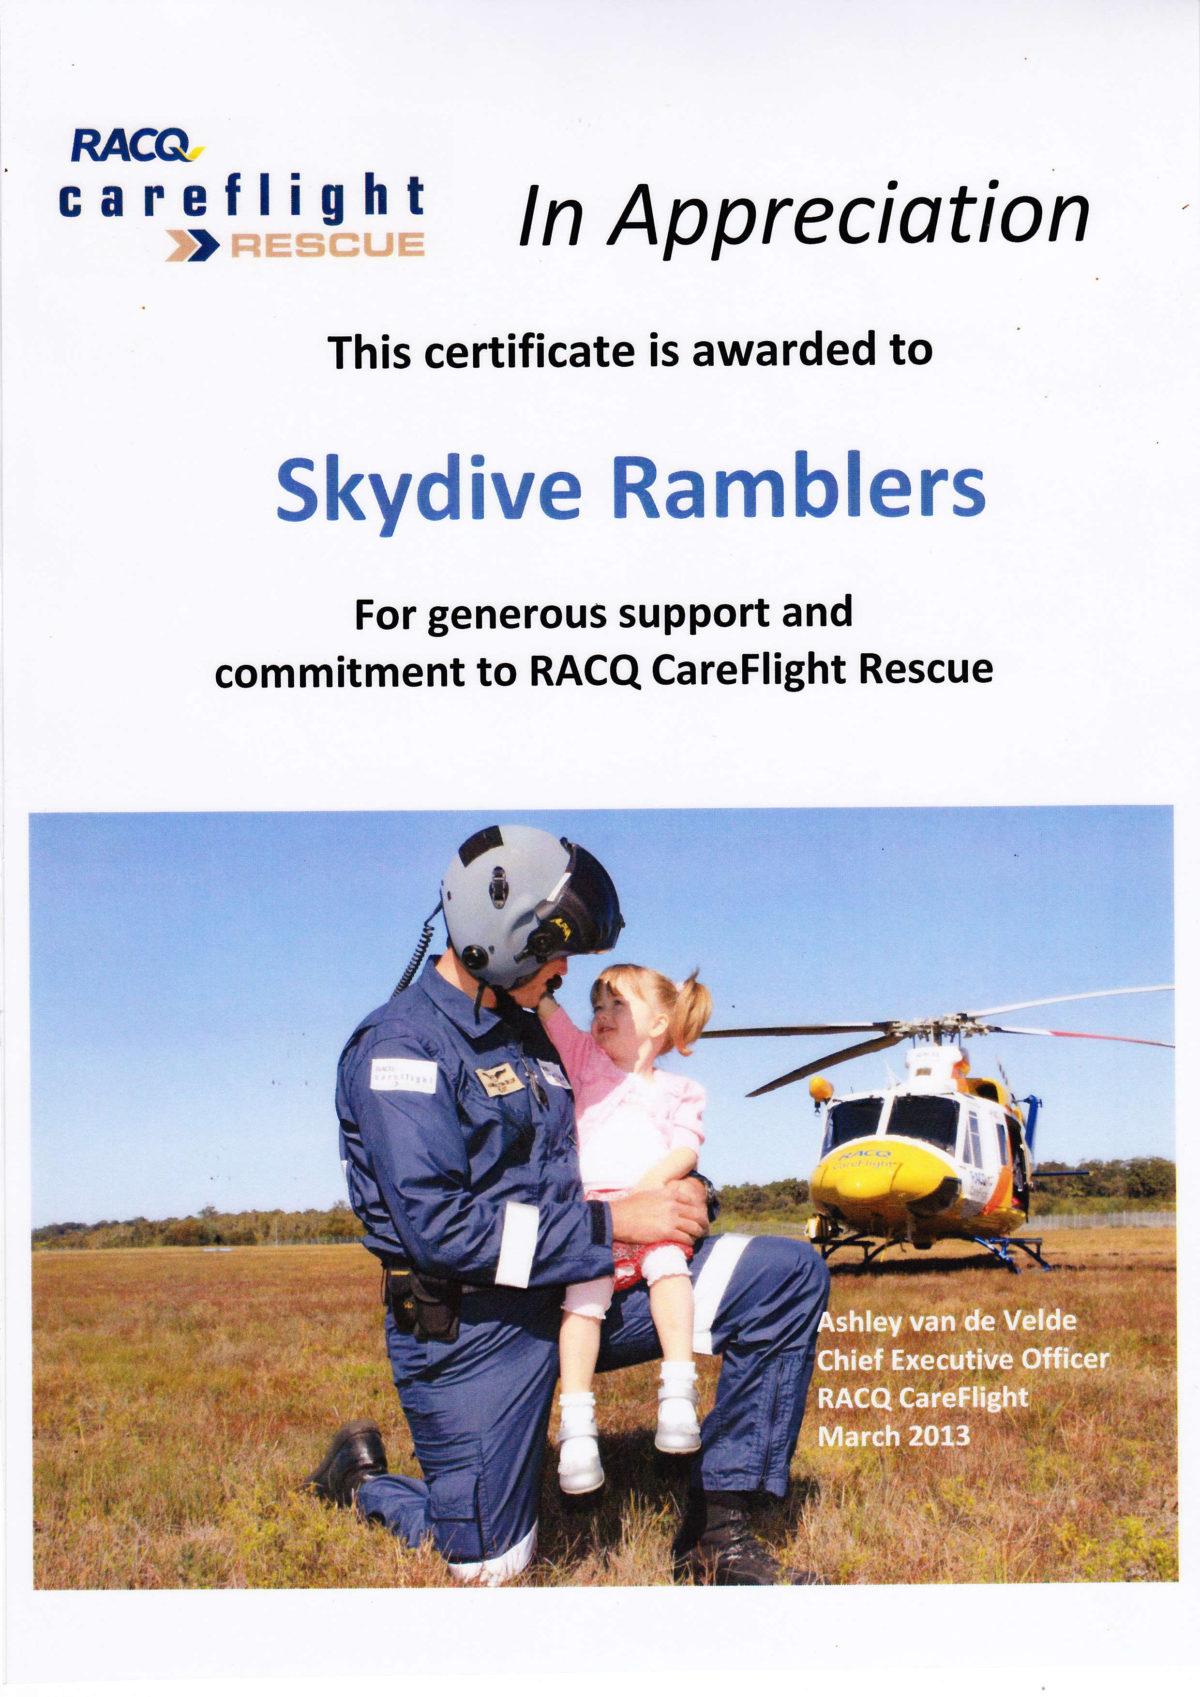 Ramblers Certificate of Appreciation - RACQ Careflight Rescue - March 2013